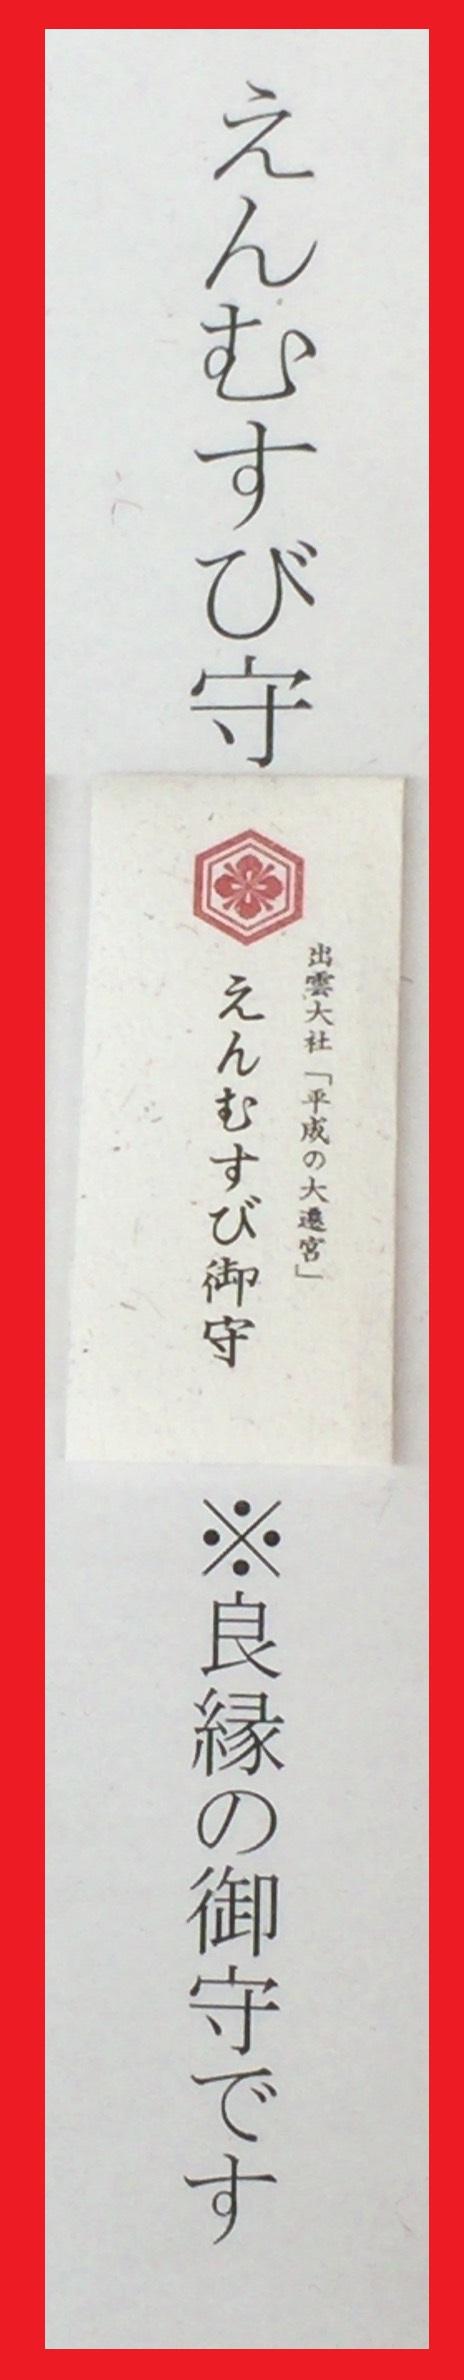 お守り23-1